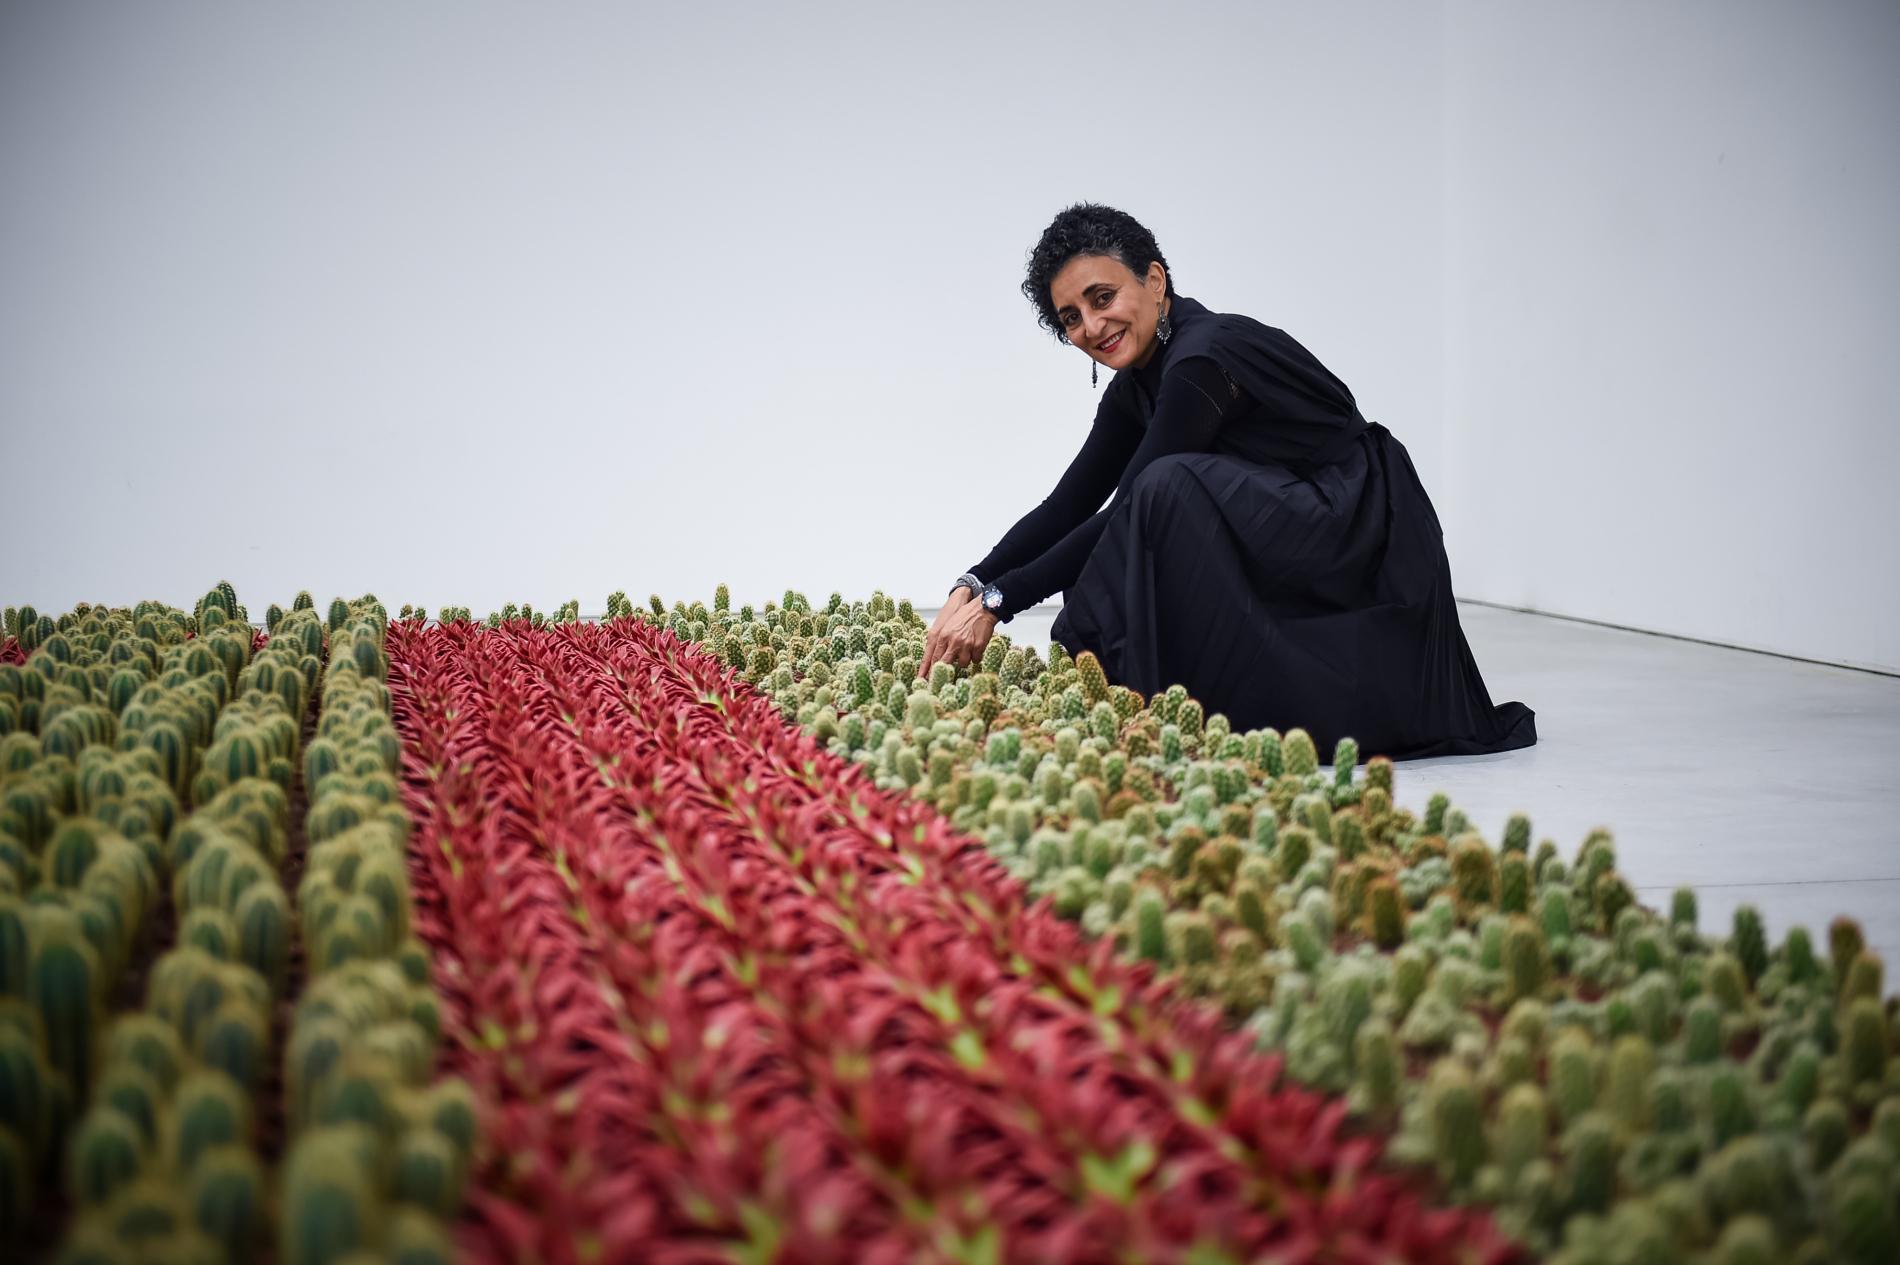 ghada amer artiste franco egyptienne a cree un jardin anti machiste de cactus 1